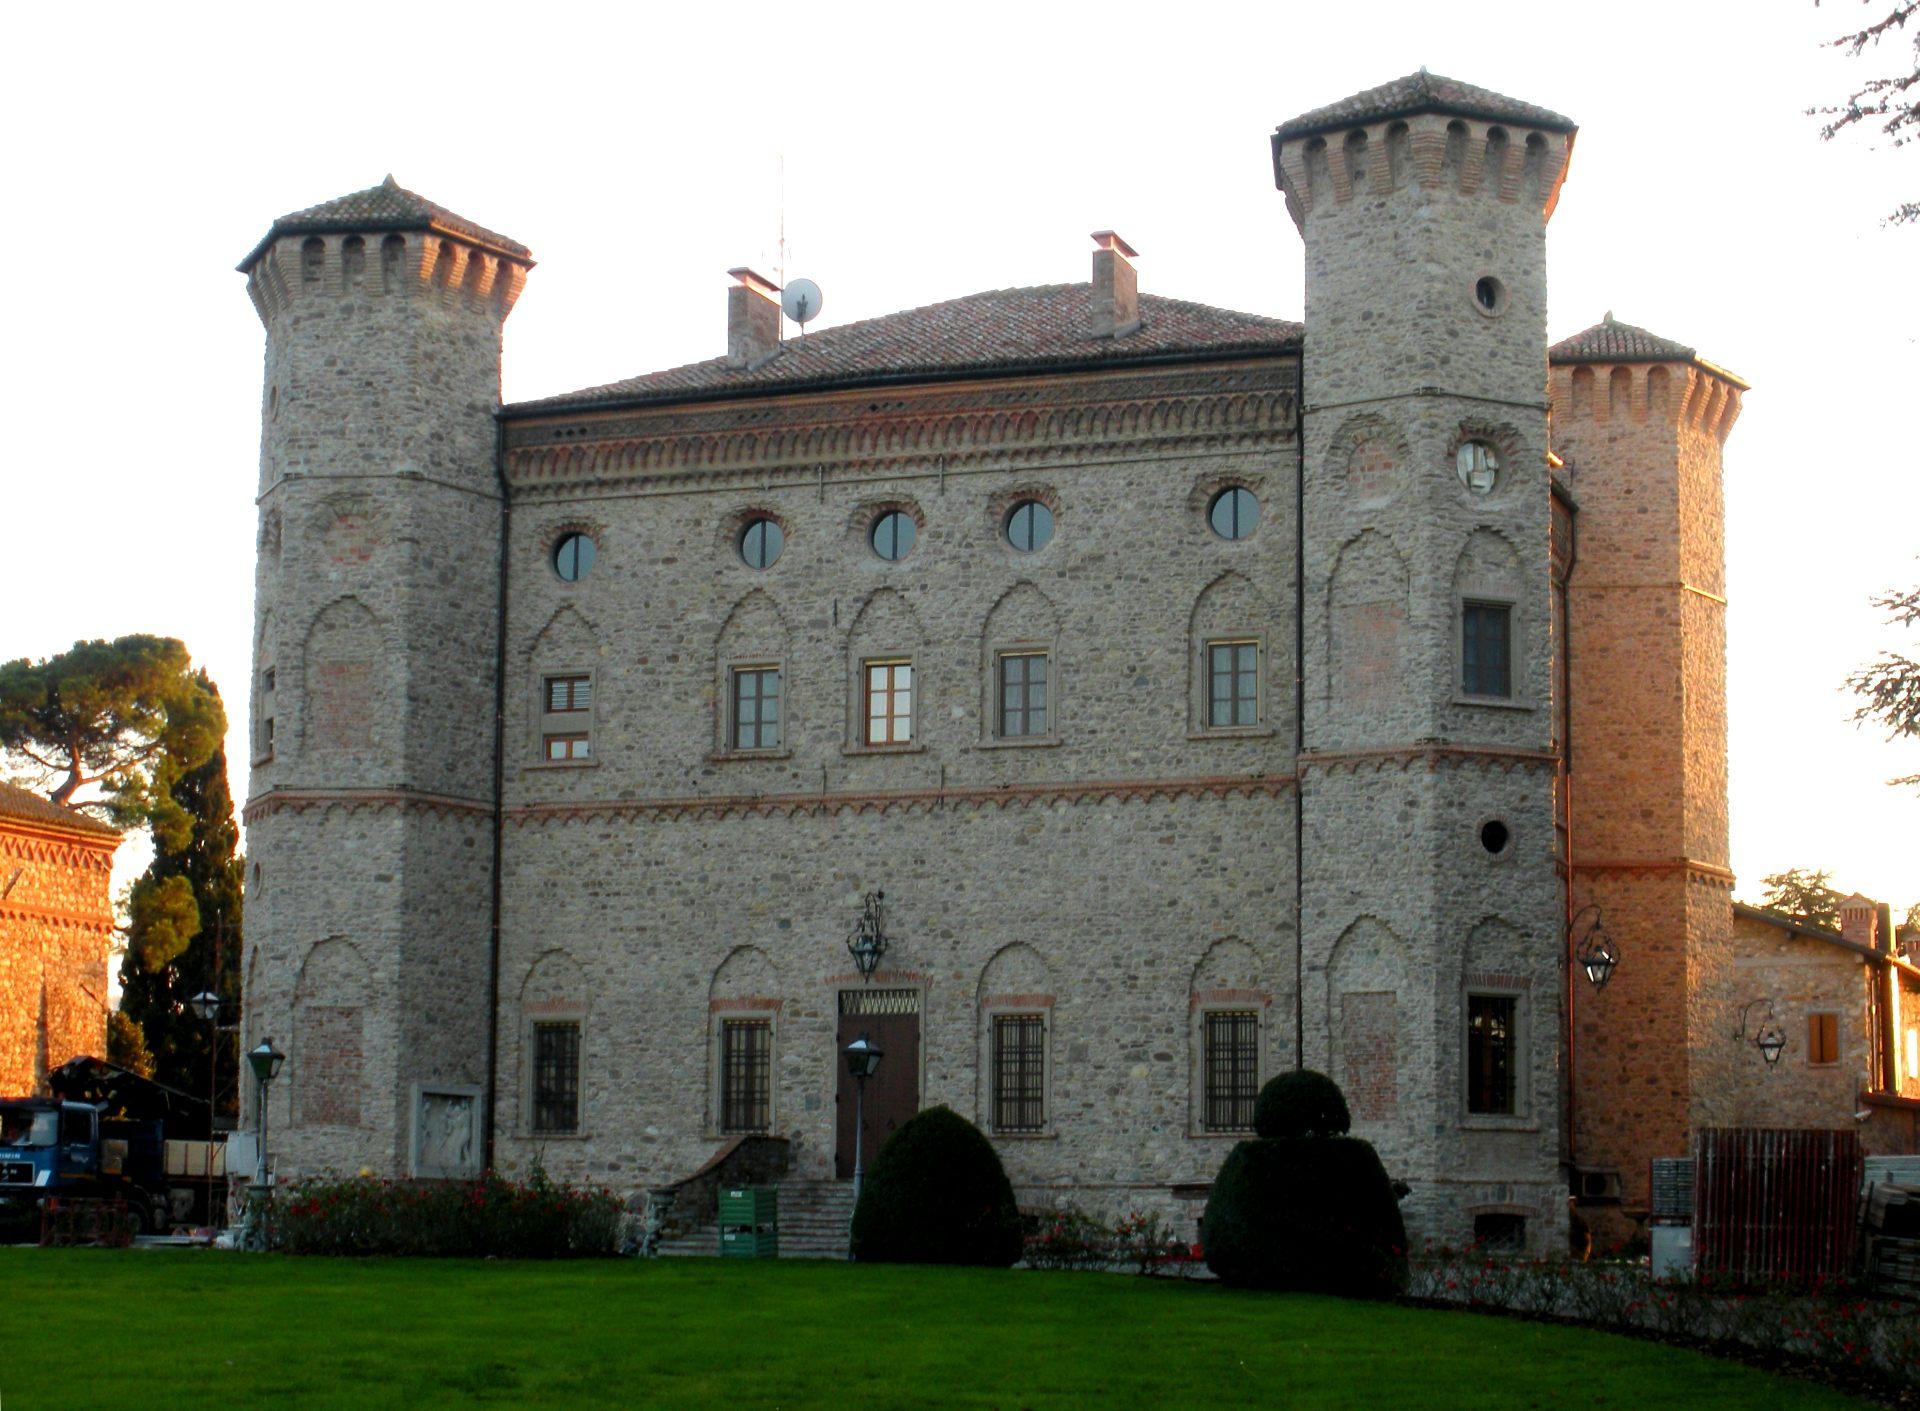 """Restauro e consolidamento del Castello """"Il più bello"""" di Quattro Castella (RE) - ITON SRL"""